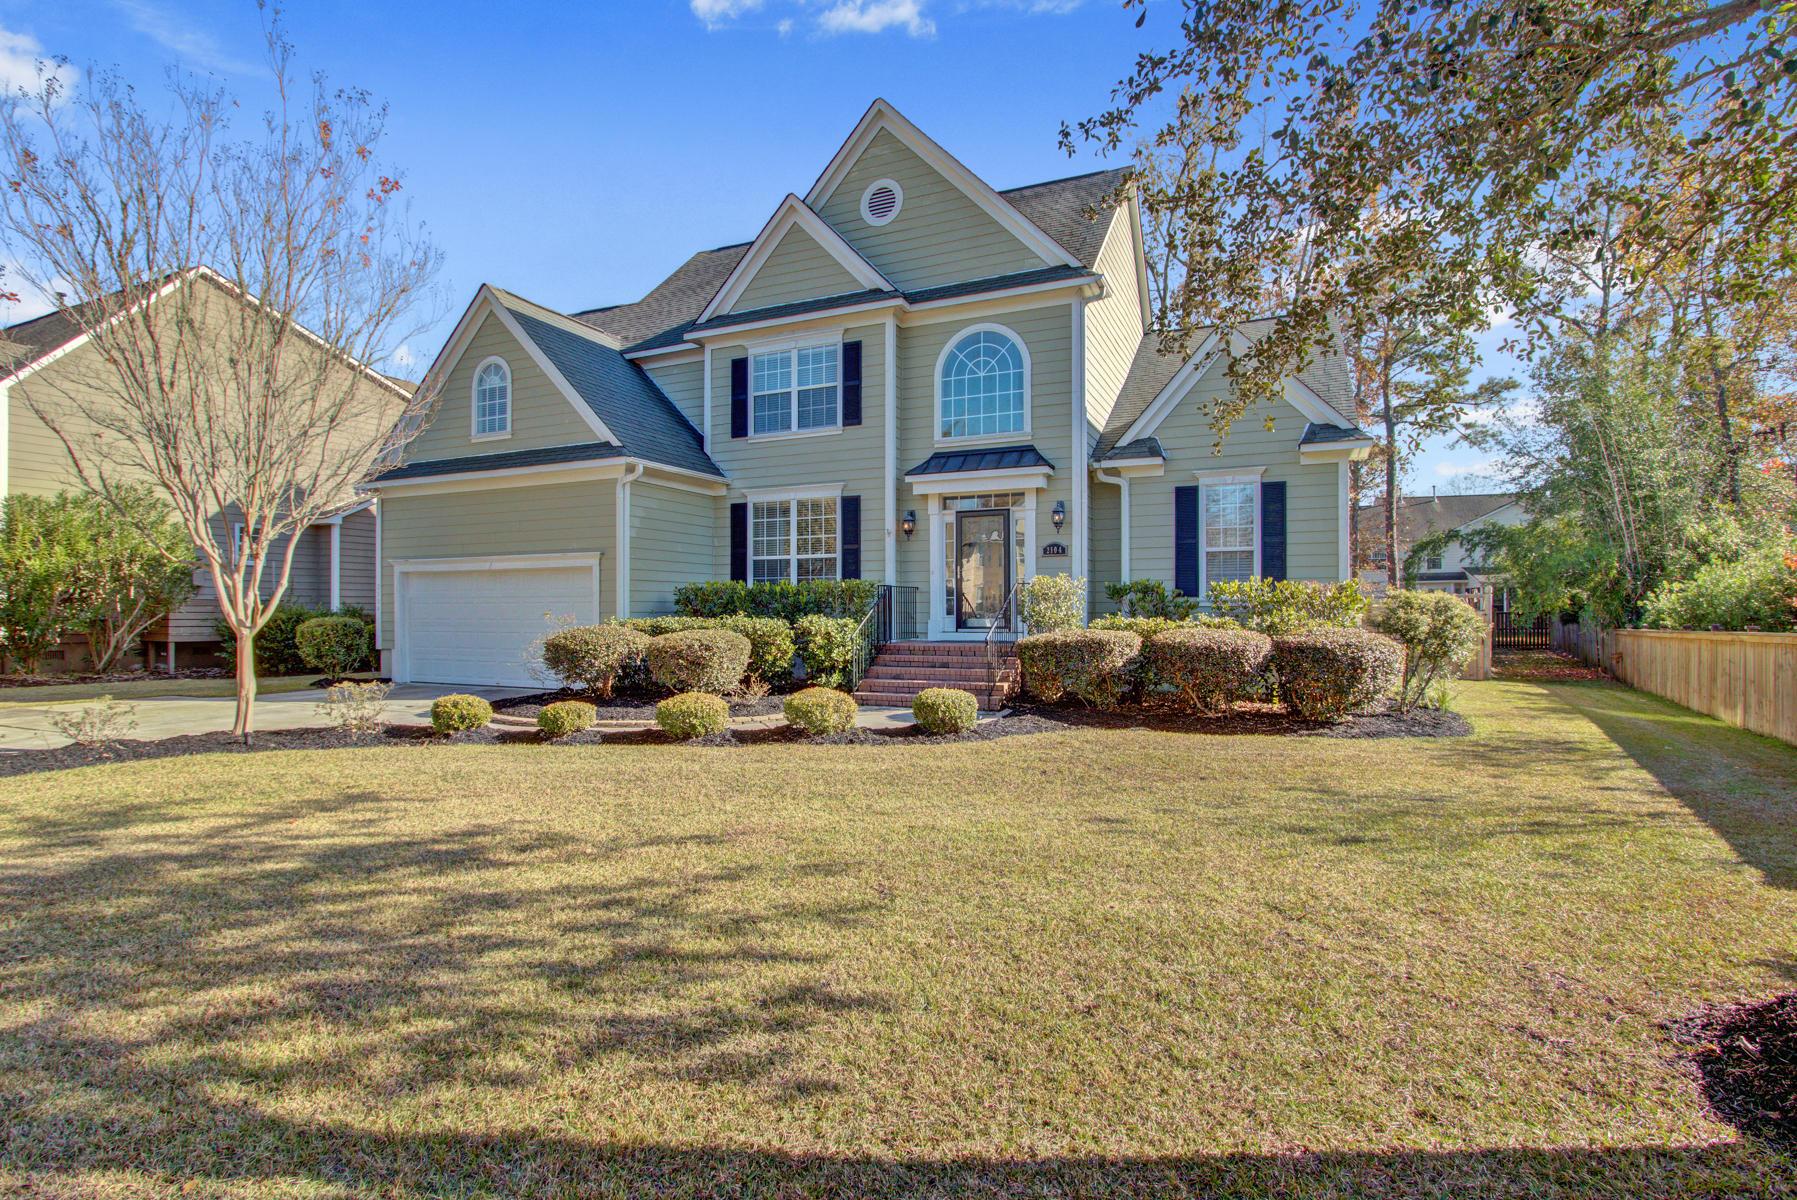 Dunes West Homes For Sale - 2104 Short Grass, Mount Pleasant, SC - 10